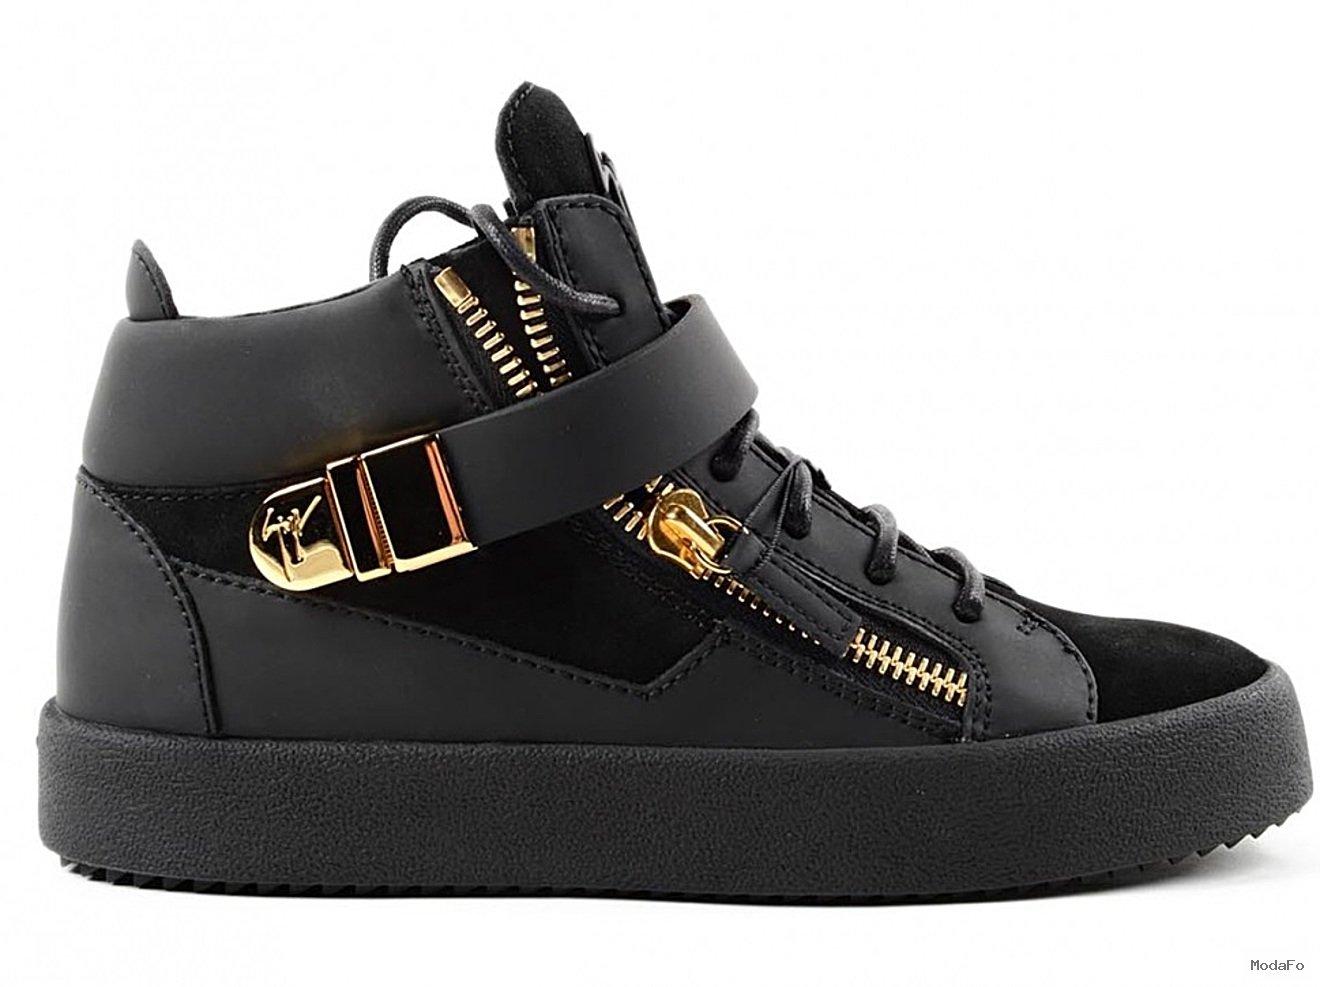 Giuseppe Zanotti women's shoes, Code: RW6146 001 BLACK, Main color ... - Kış ayakkabı modelleri Kış ayakkabı Ayakkabı modelleri 2017 Kış ayakkabı 2016 Kış ayakkabı